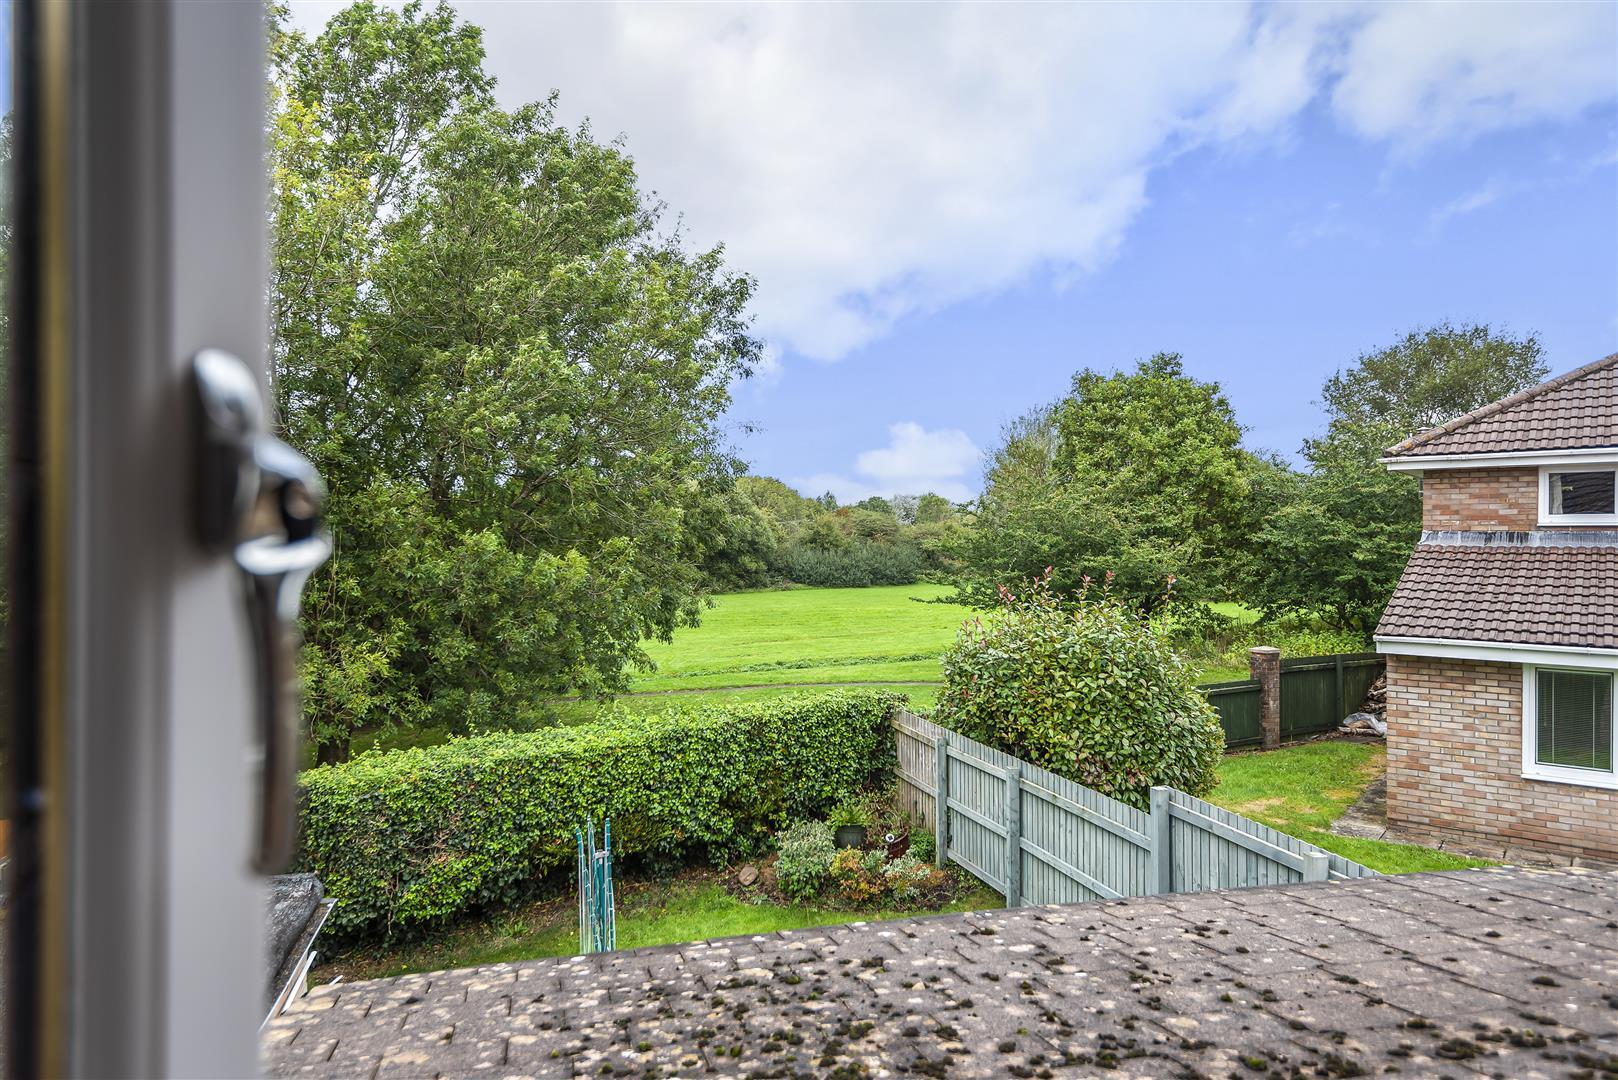 Glanymor Park, Loughor, Swansea, SA4 6UQ